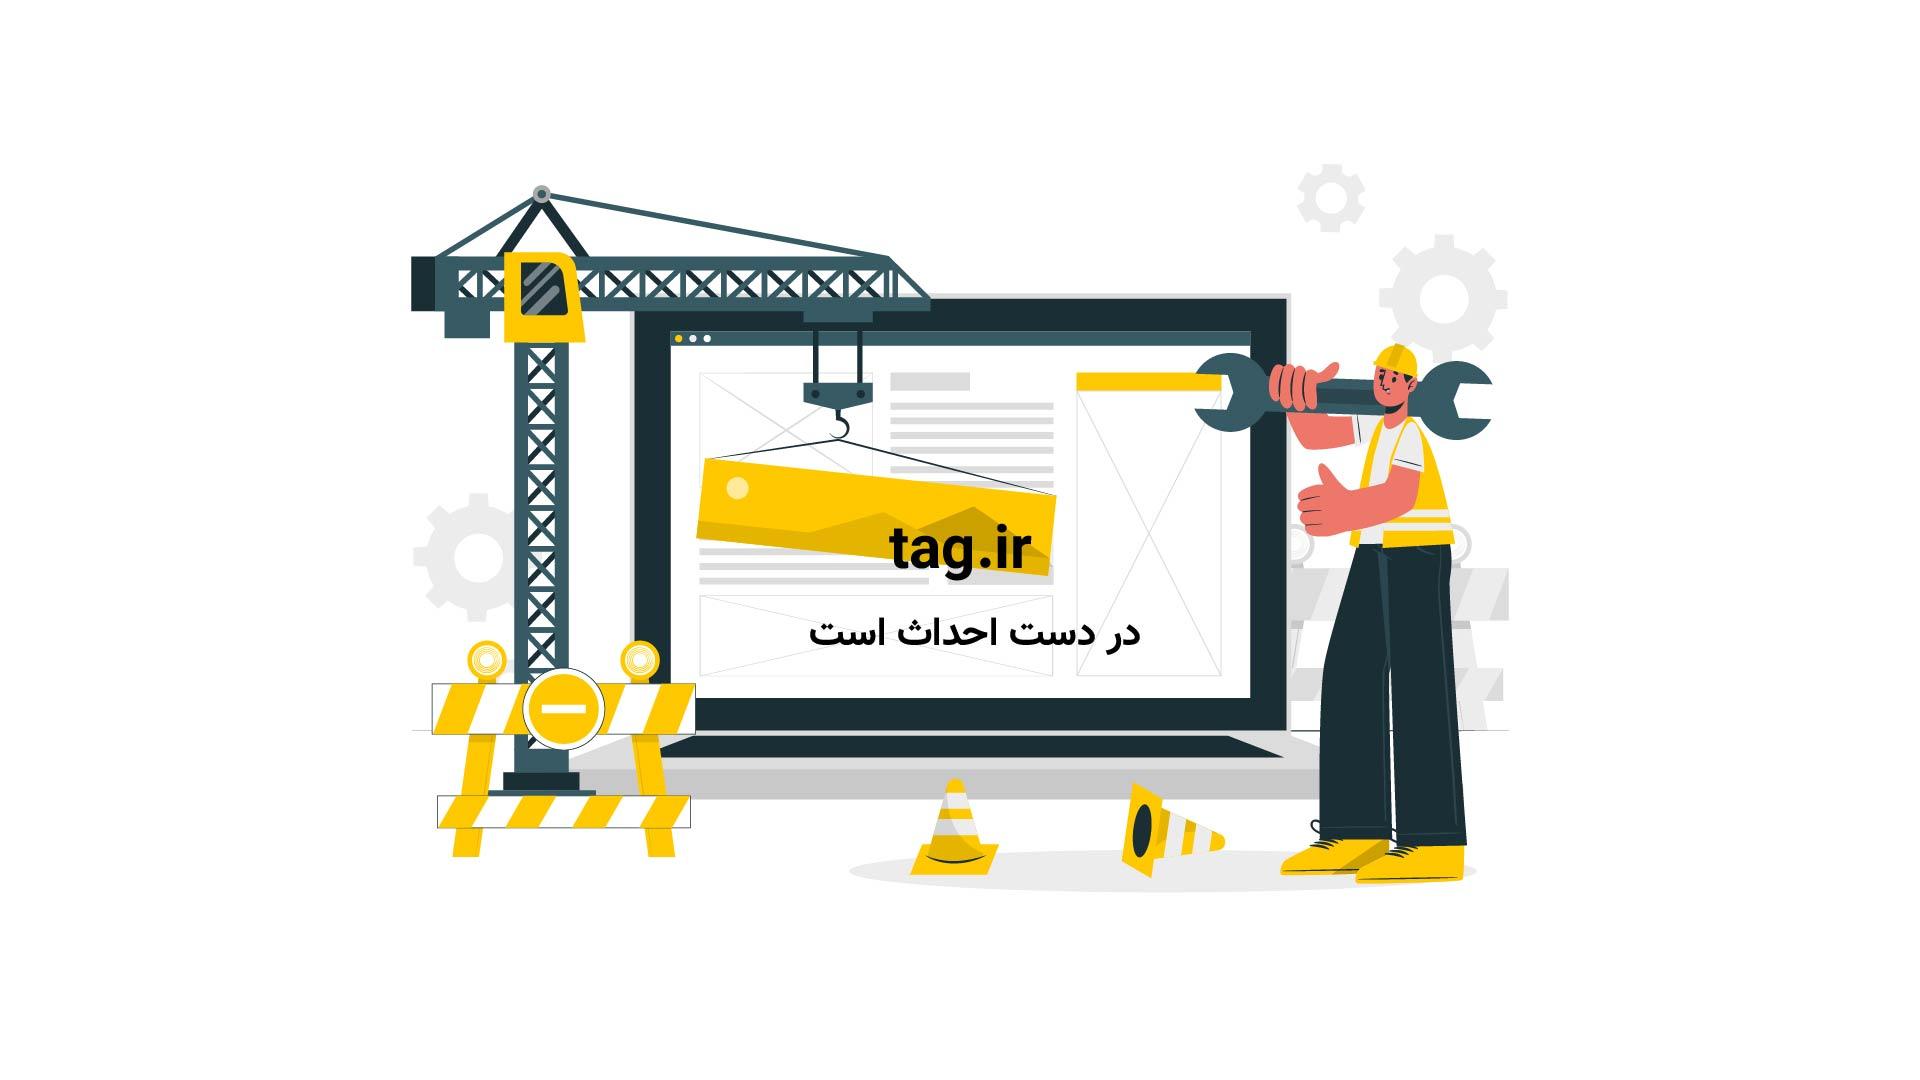 فیلم زمان گريز پخش آلودگی در هواي پكن طي ٢٠ دقيقه